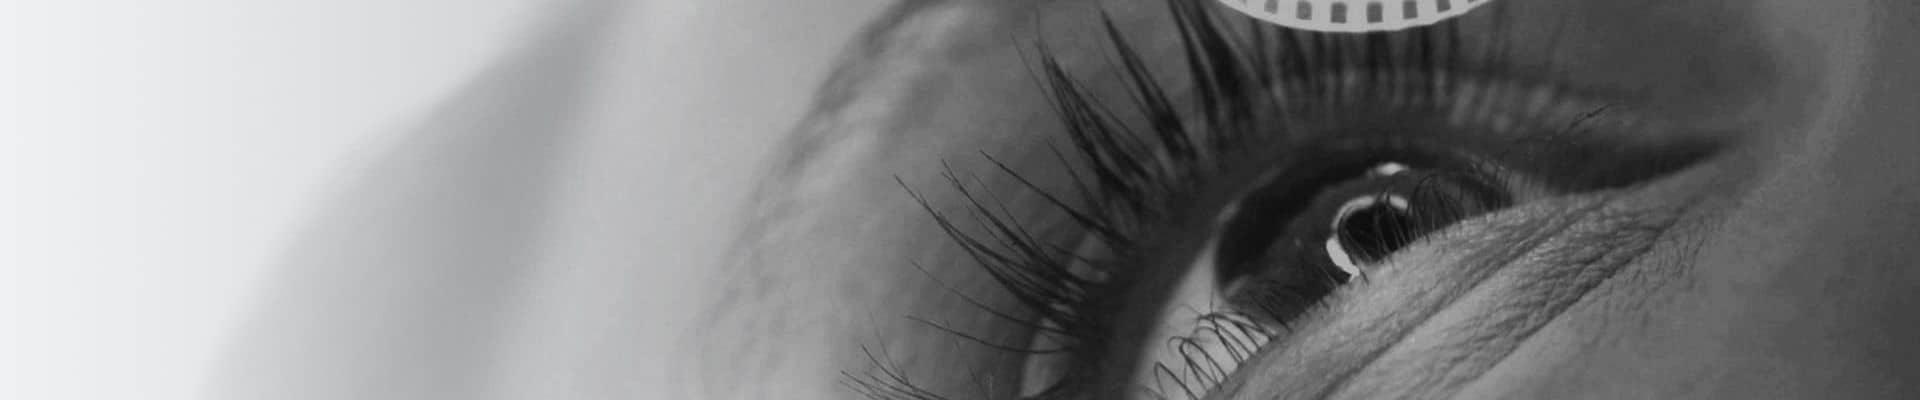 látásvizsgálat a szem beültetése után rövidlátás mínusz három